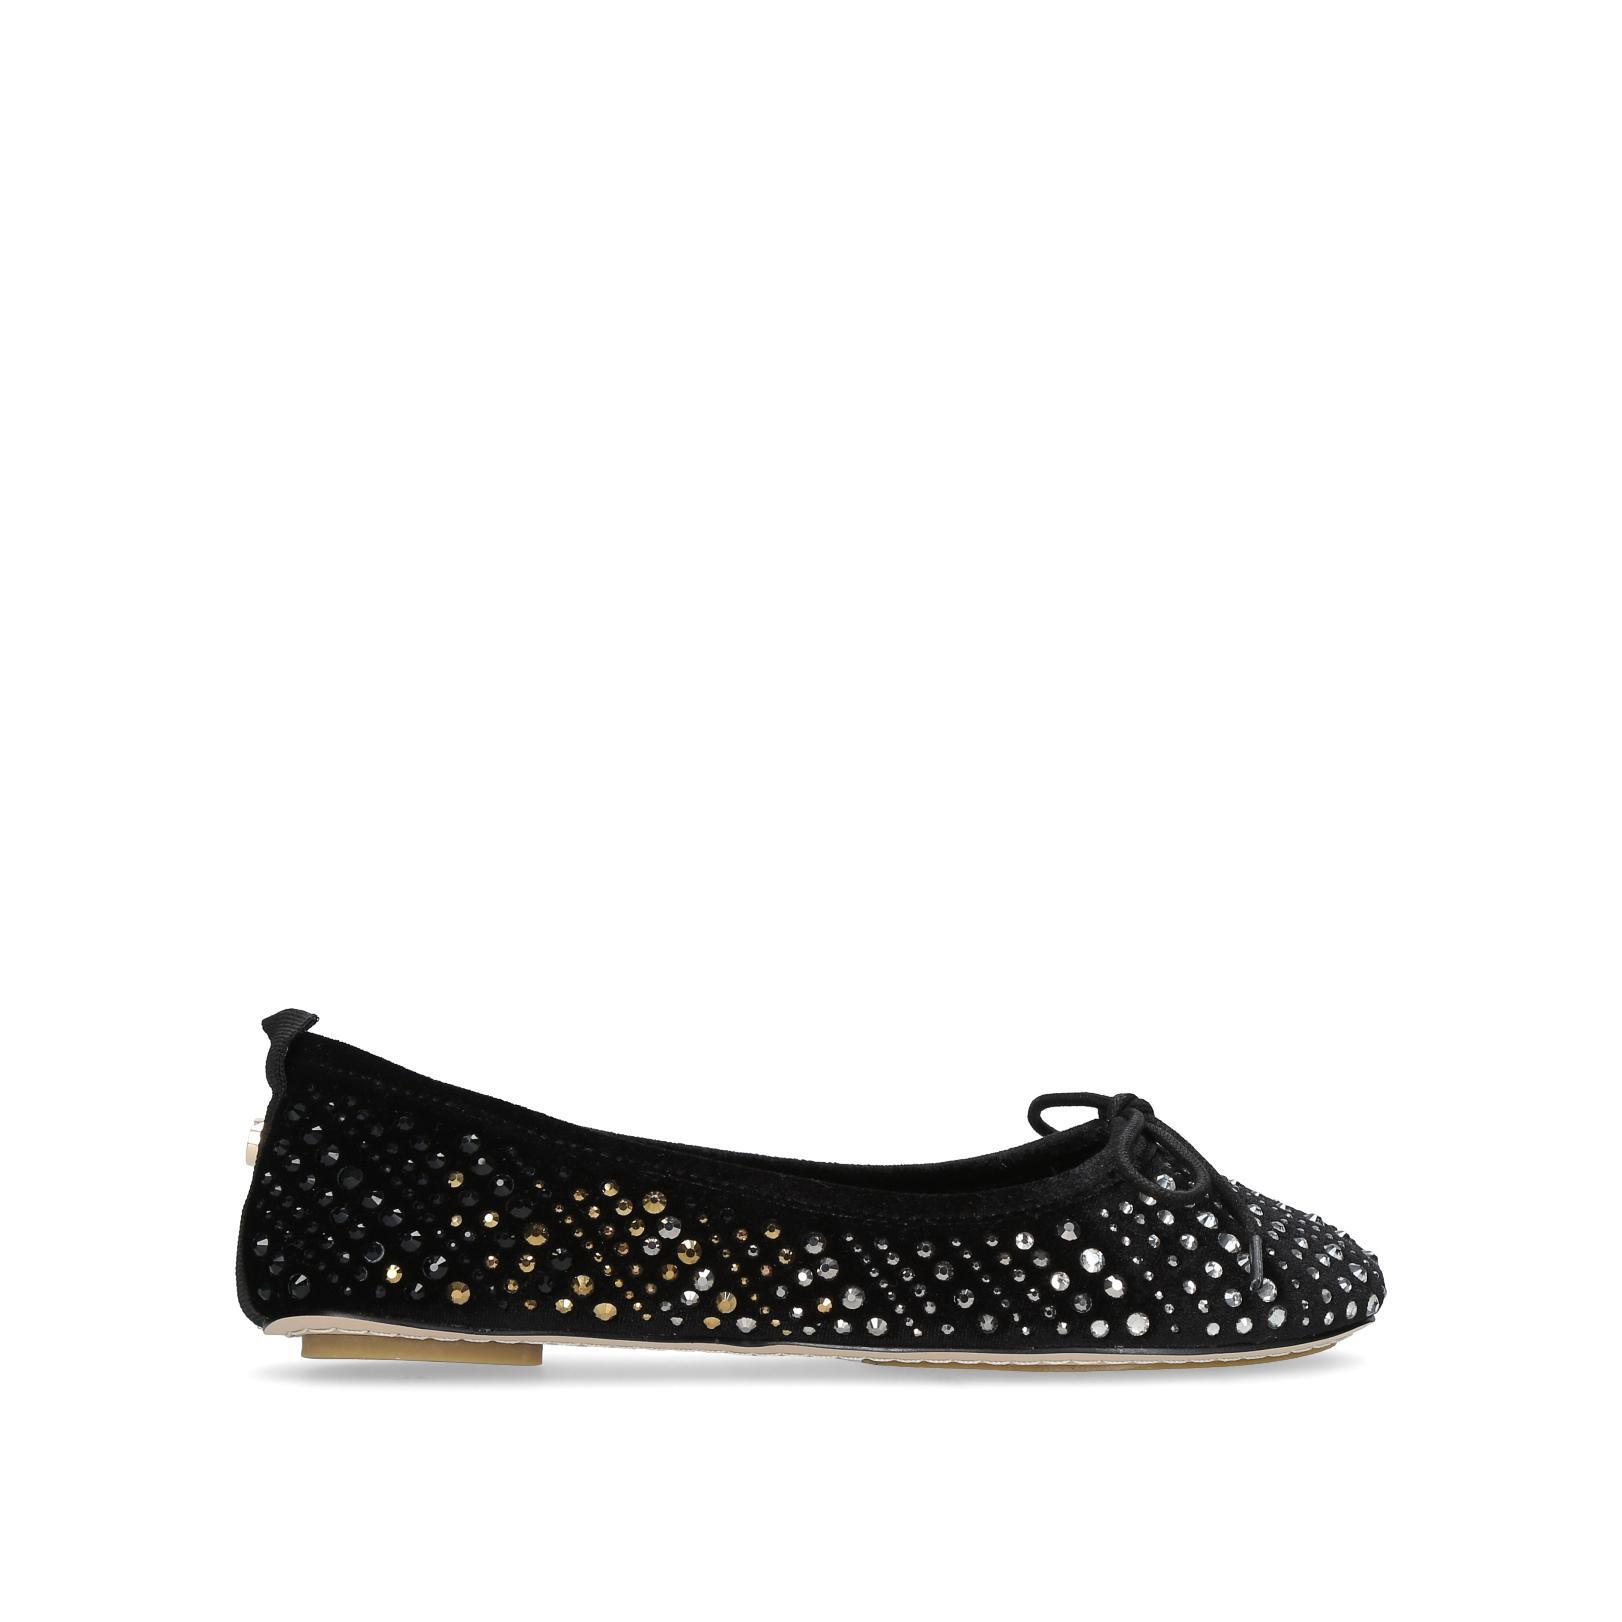 Kurt Geiger Black Sparkle Shoes